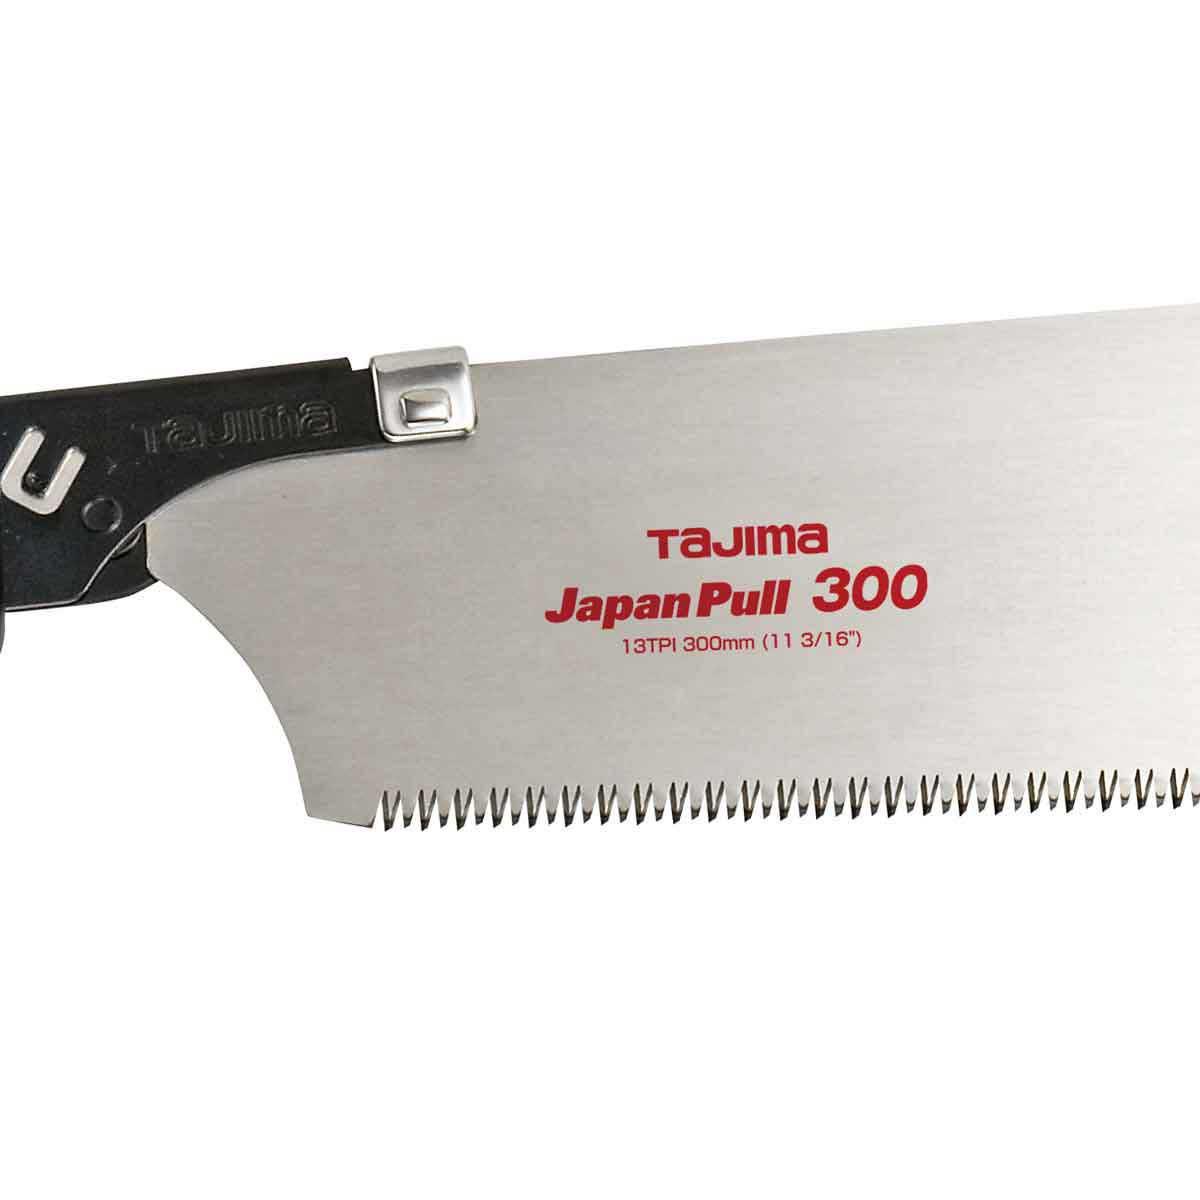 tajima jpr-set japan pull blade